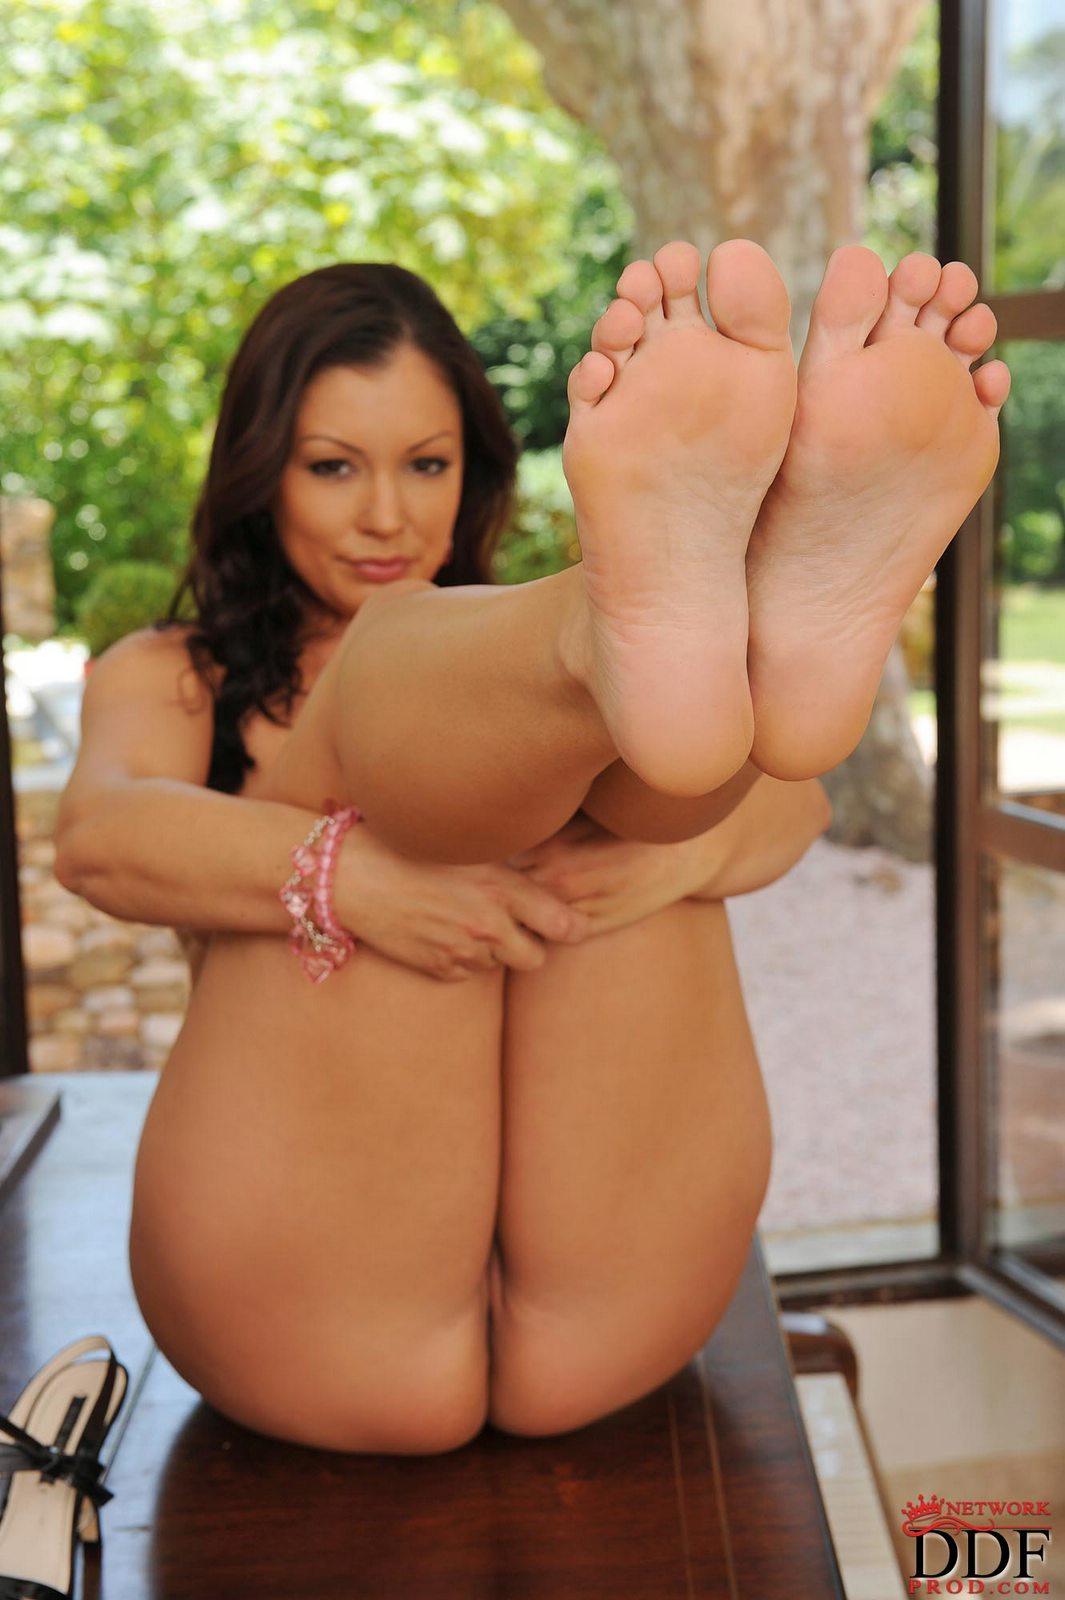 aria giovanni pornstar - hot naked pics